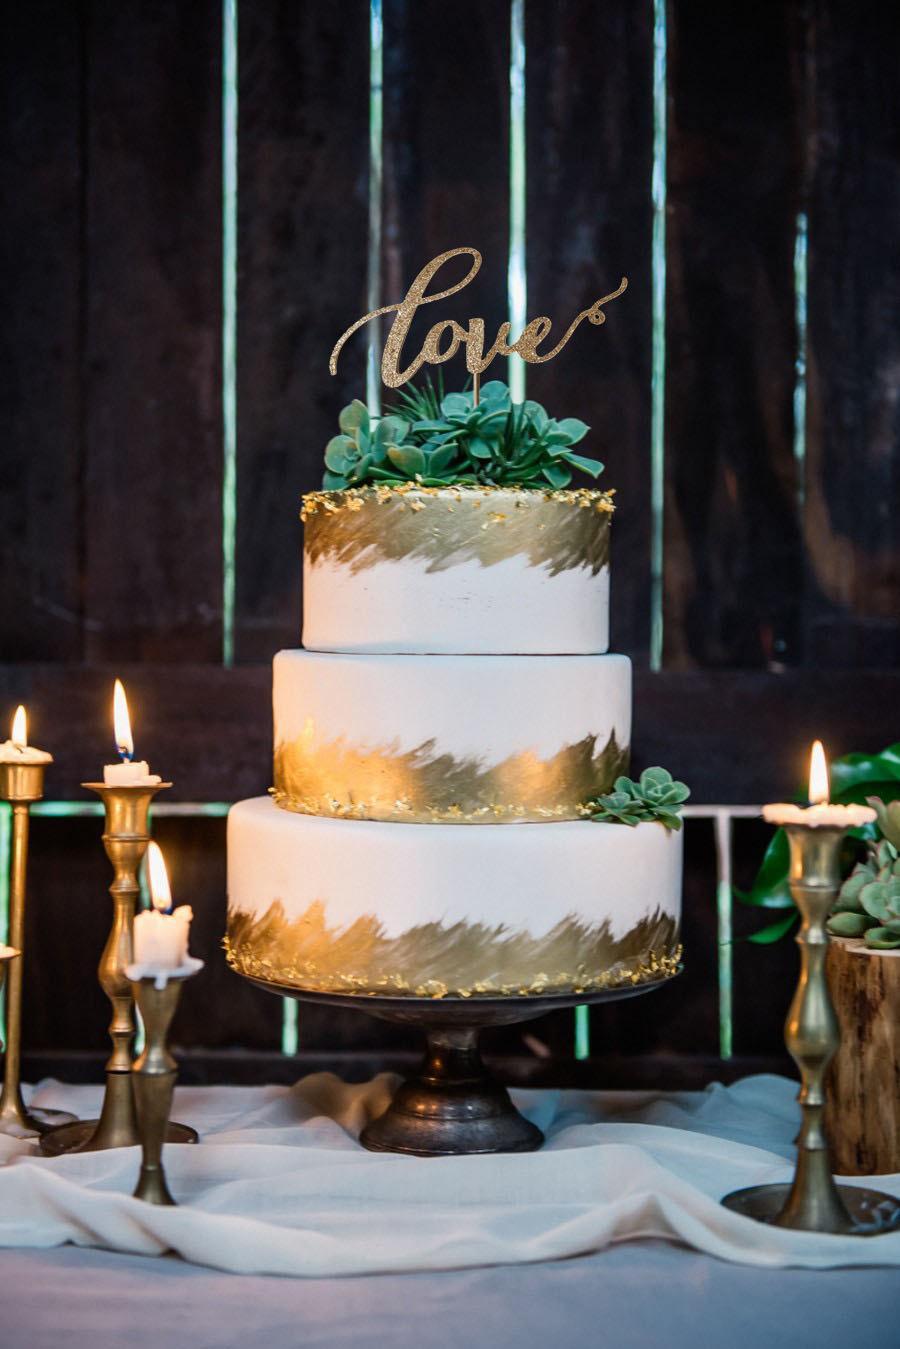 Hochzeit - Love Wedding Cake Topper, Cake Topper, Rustic cake topper, Wedding Cake Toppers, Wedding cake, Script Cake Topper, Glittery Cake Topper